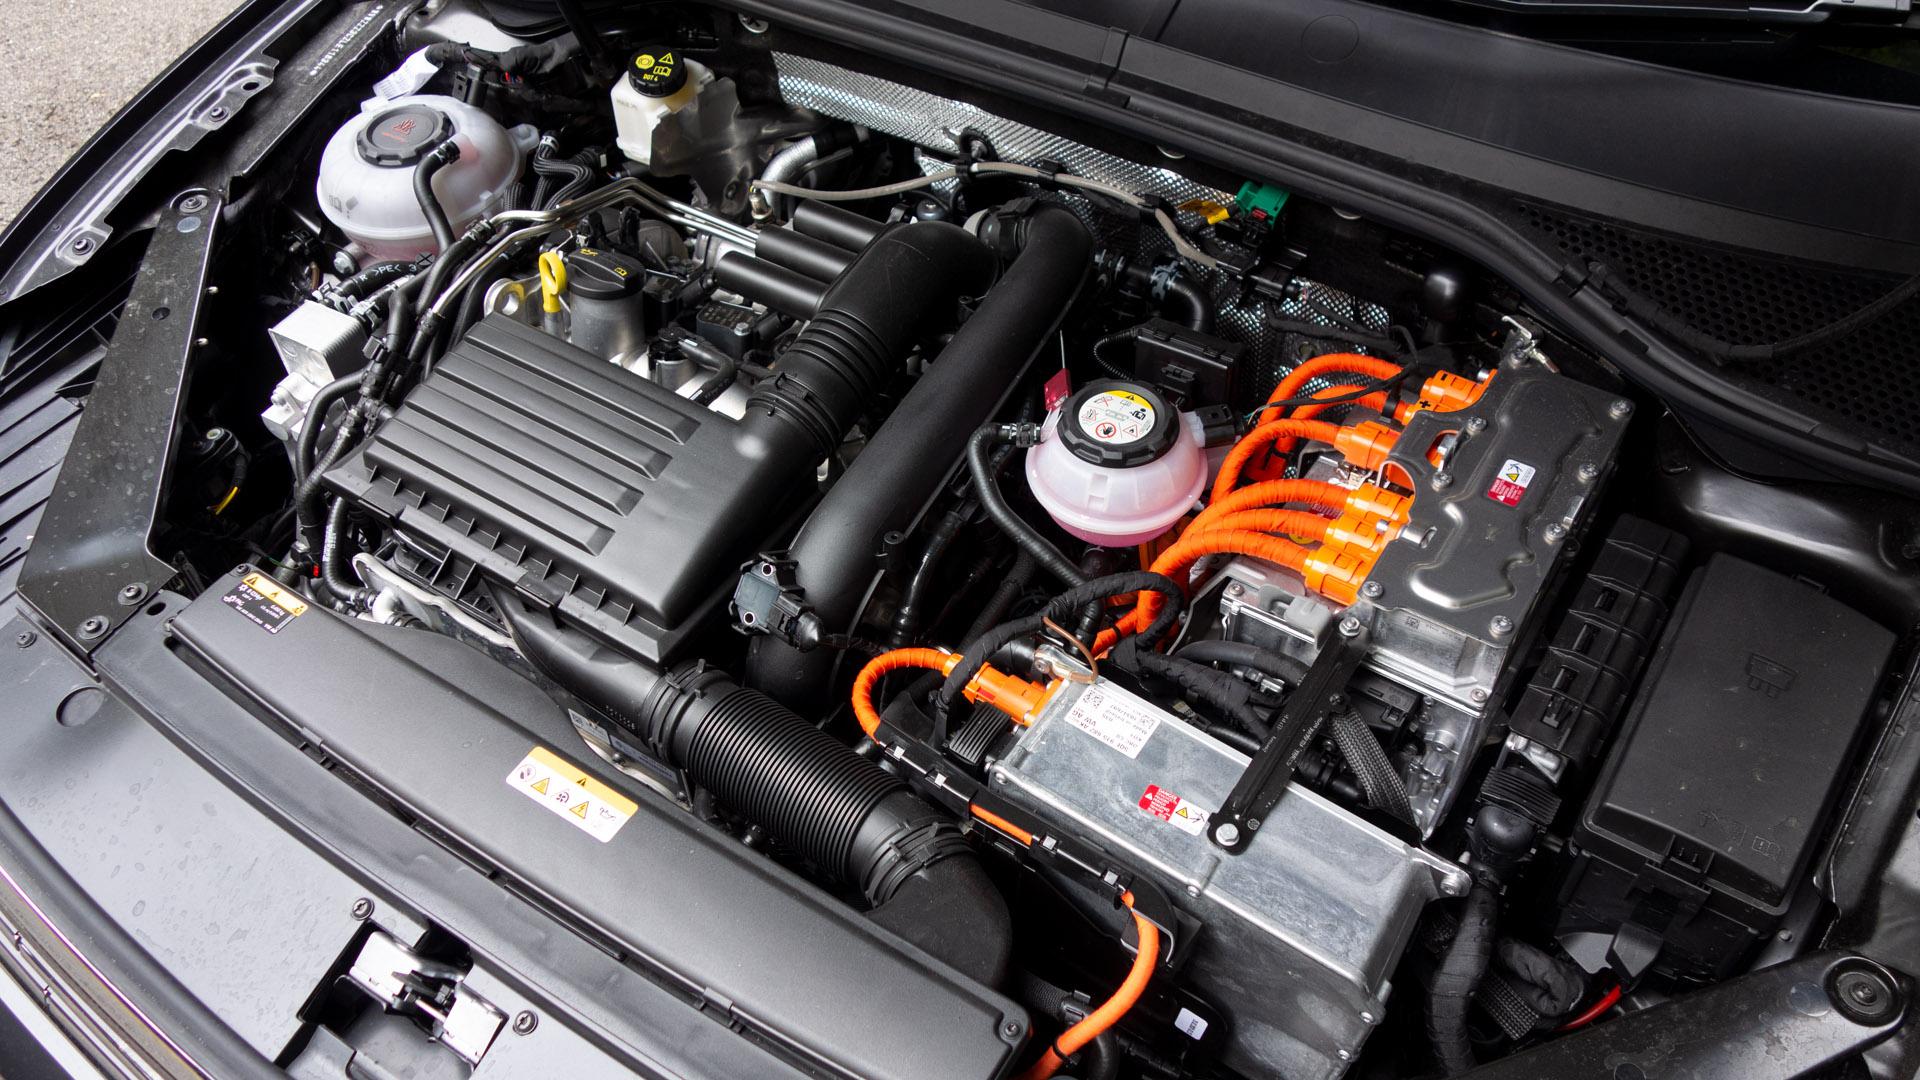 Volkswagen Passat Estate GTE engine